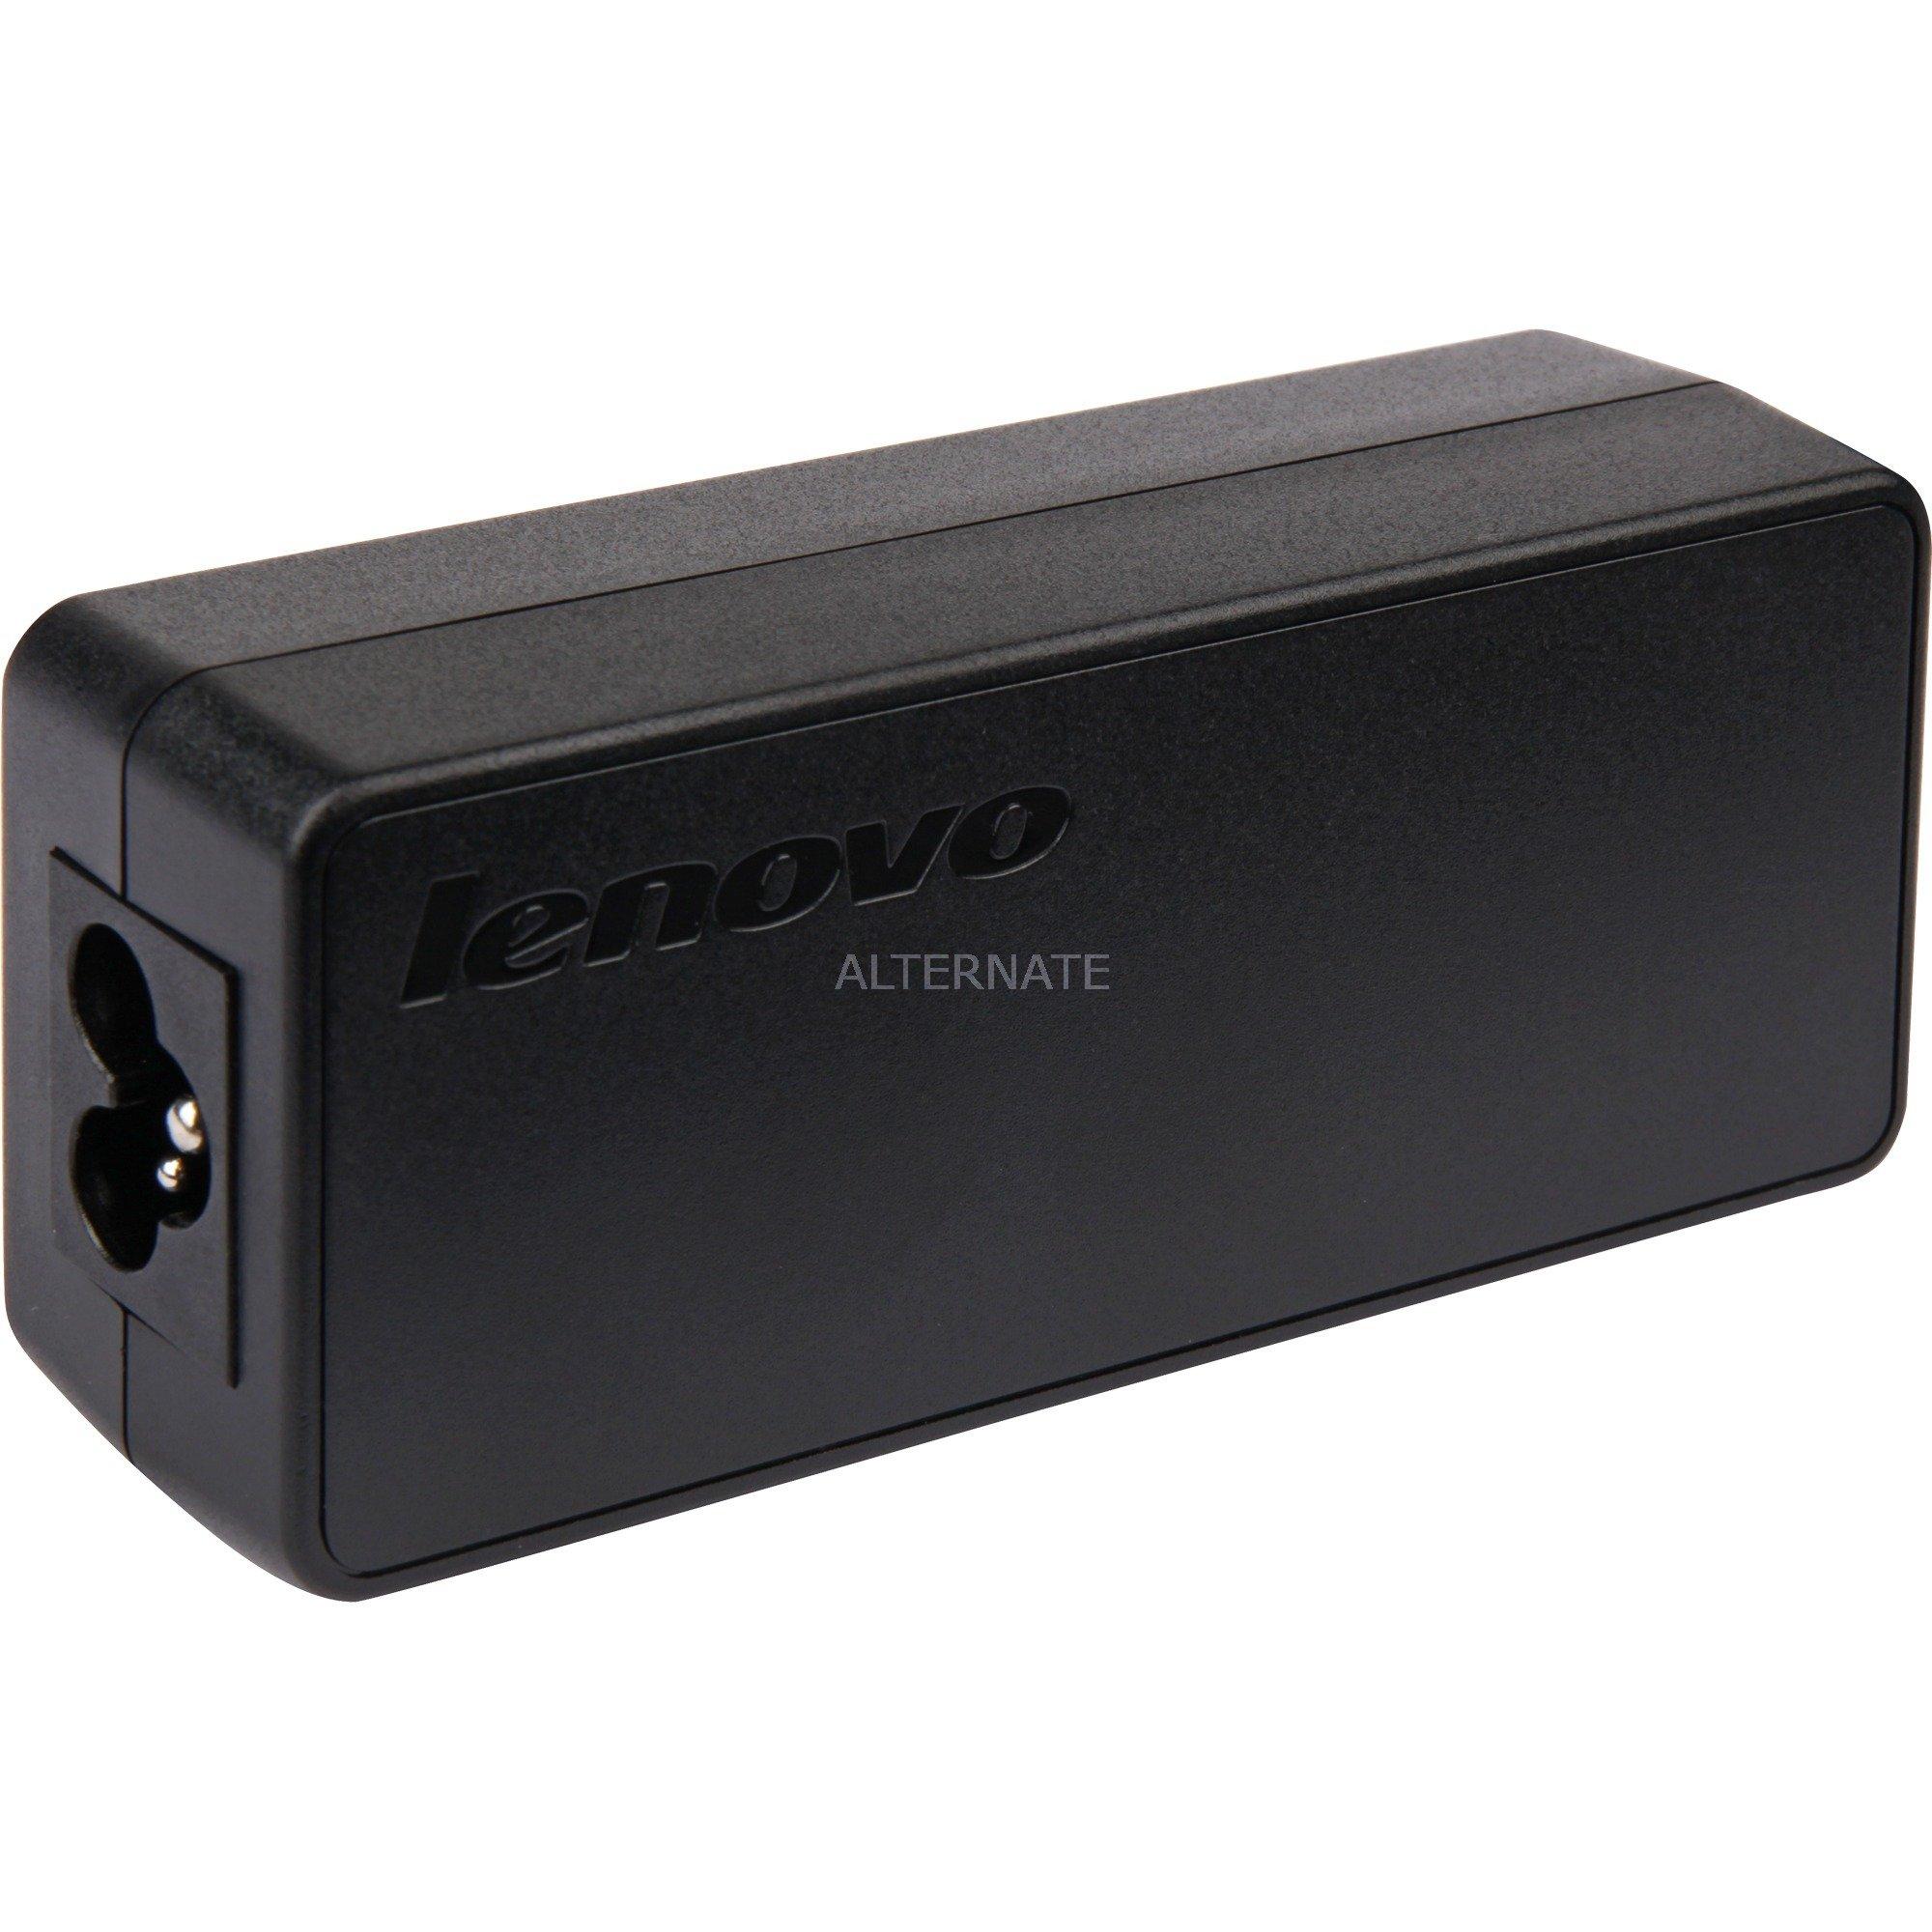 0A36262 adaptador e inversor de corriente Interior 65 W Negro, Fuente de alimentación